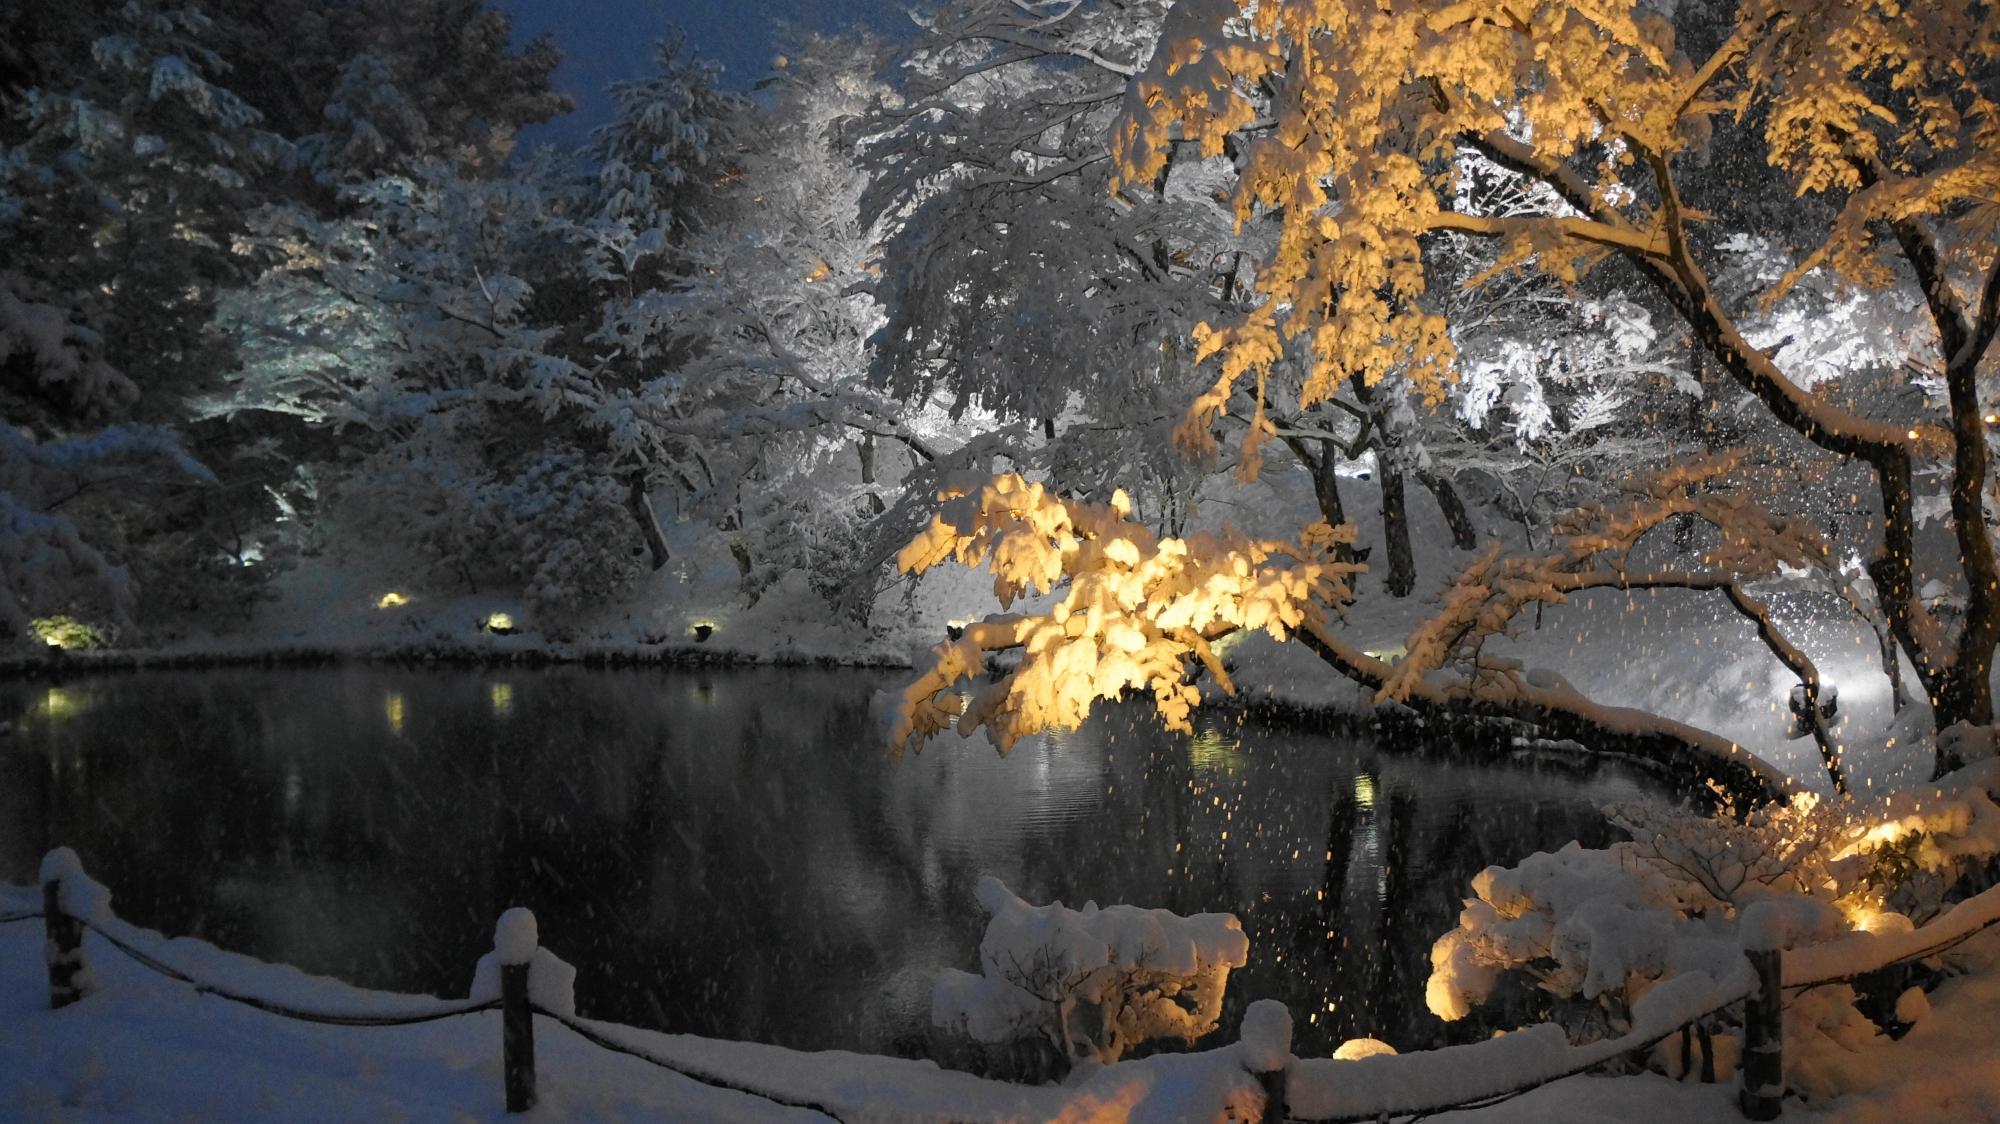 自然が作り出す芸術的な雪の花に囲まれた臥龍池